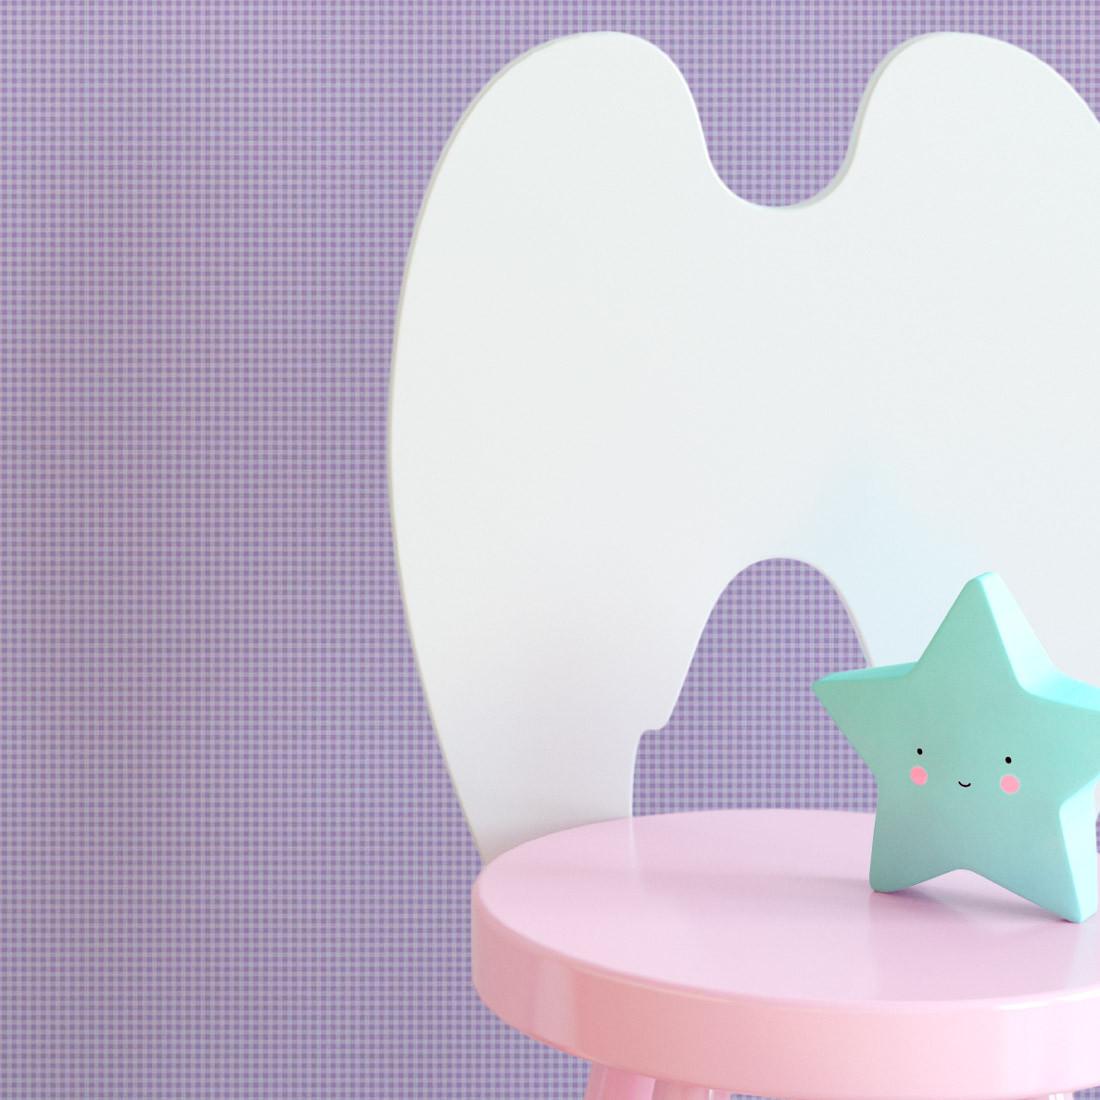 Papel de Parede Infantil Xadrez Lilás - Disney - Rolo com 10 Metros